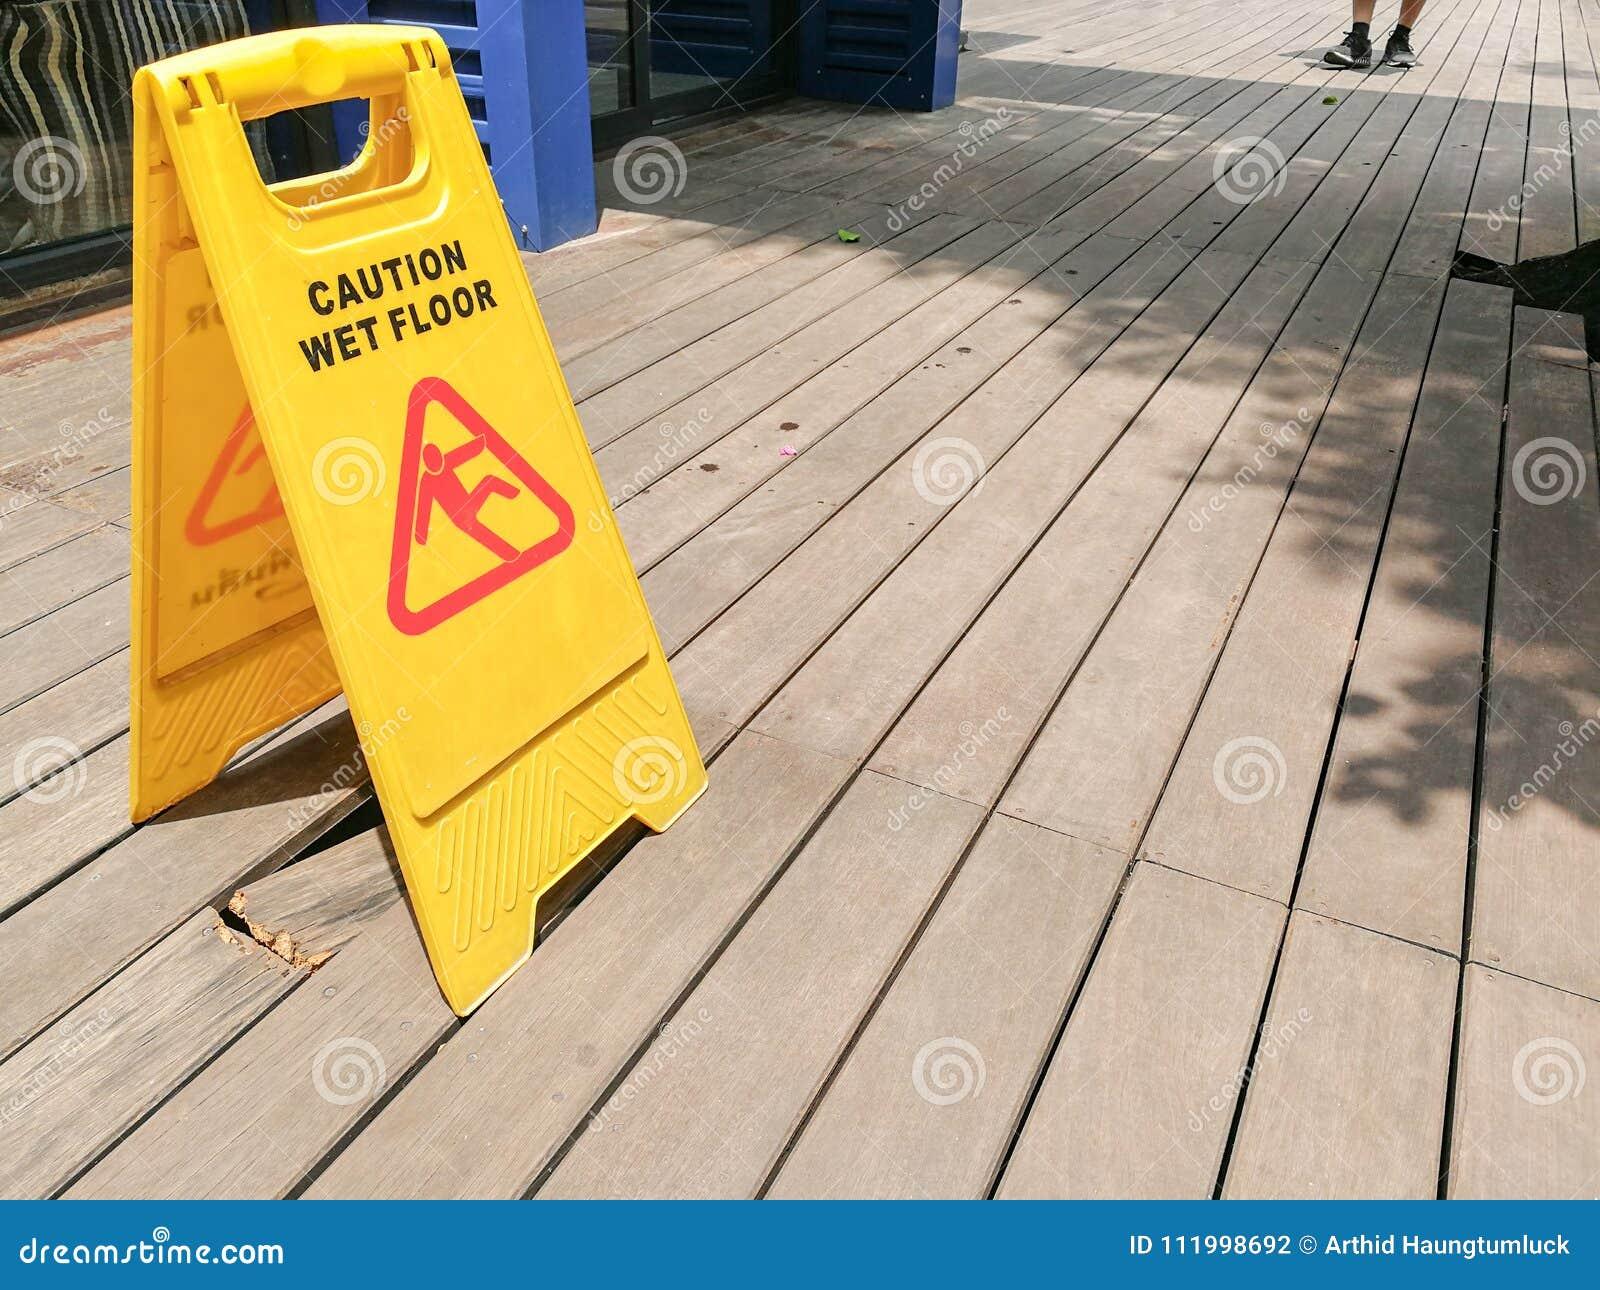 Advirta o sinal de aviso molhado do assoalho com borrado no assoalho de madeira